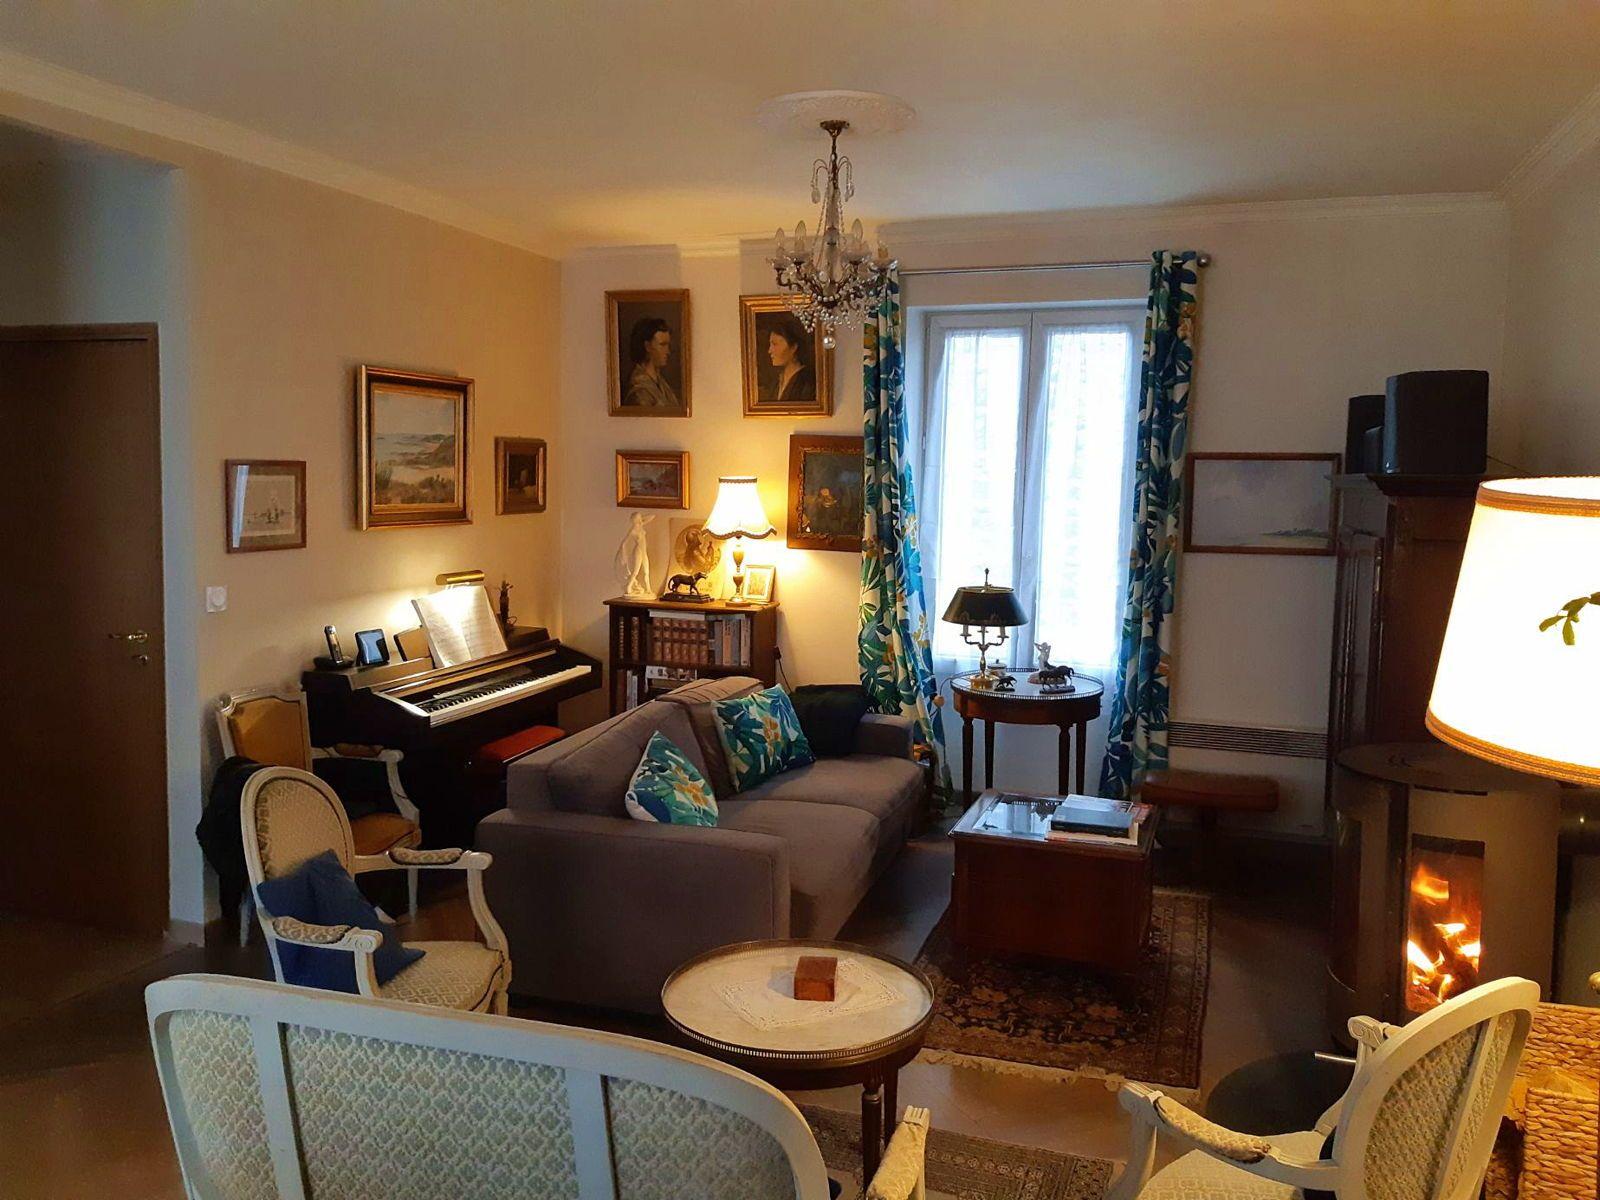 Loue appartement à St Malo (35), 6/7couchages, 2chambres, 700m plage, idéal pour famille